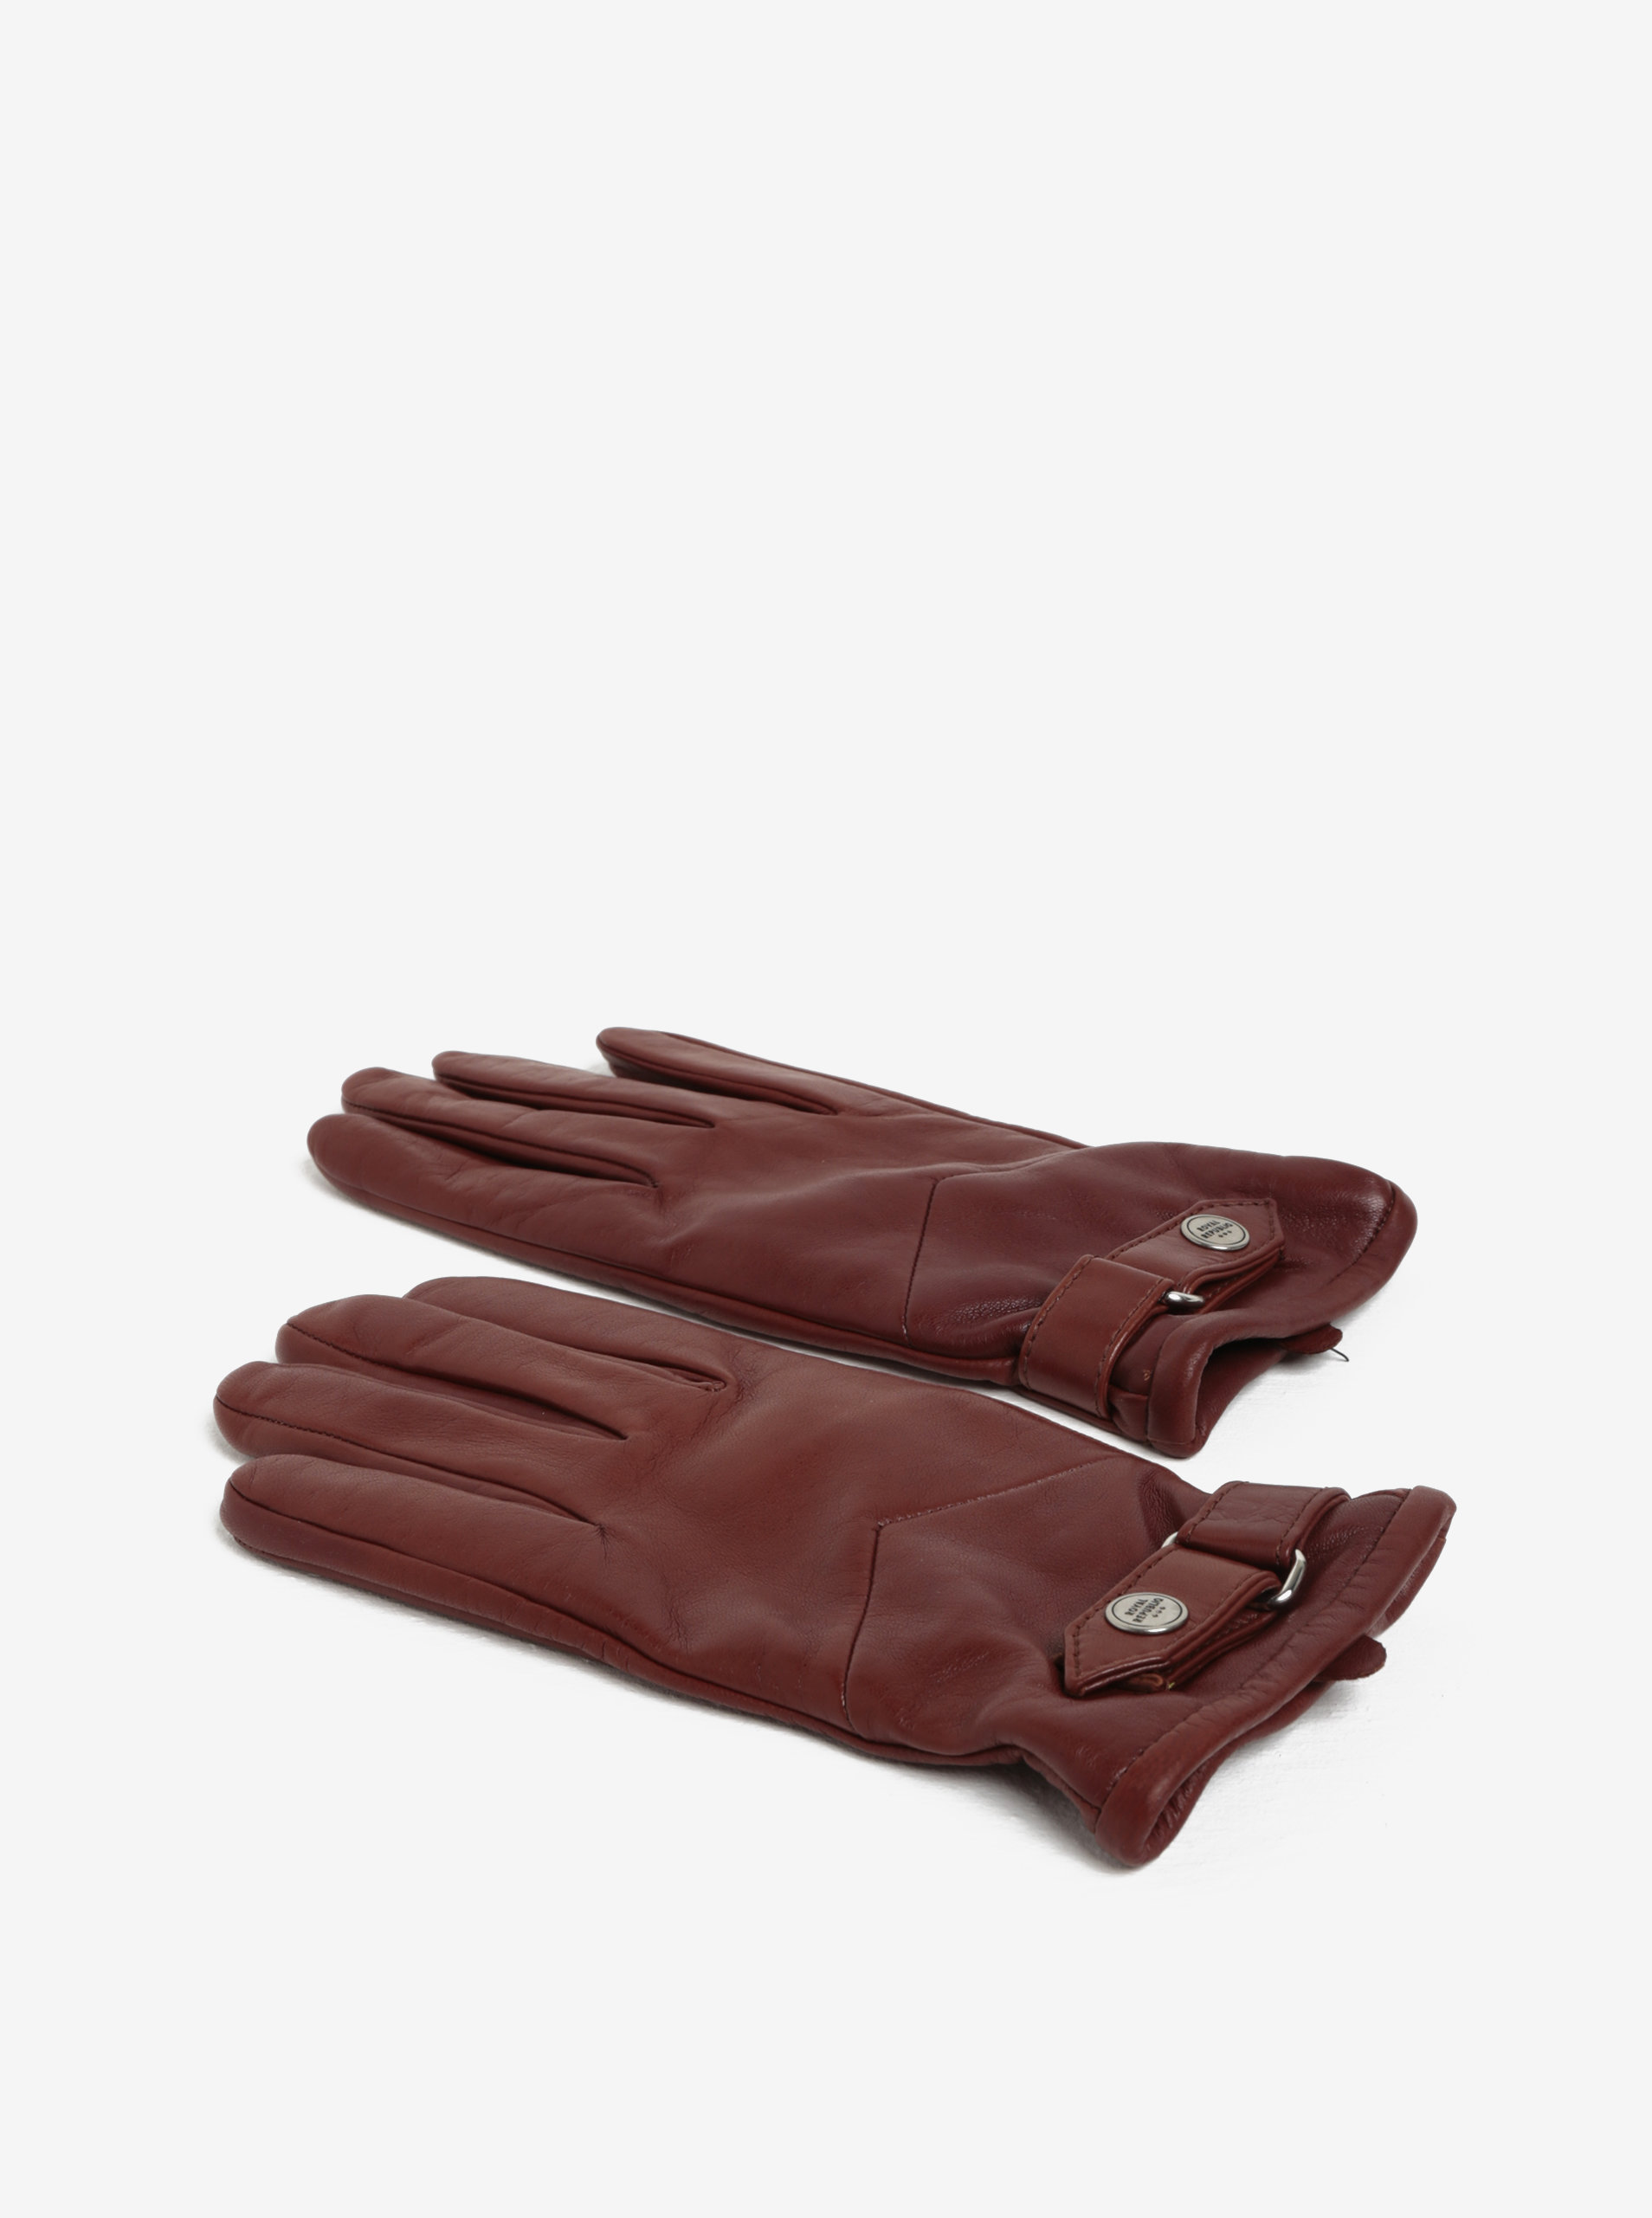 16cad91a6ca Hnědé pánské kožené rukavice s kašmírovou podšívkou Royal RepubliQ ...